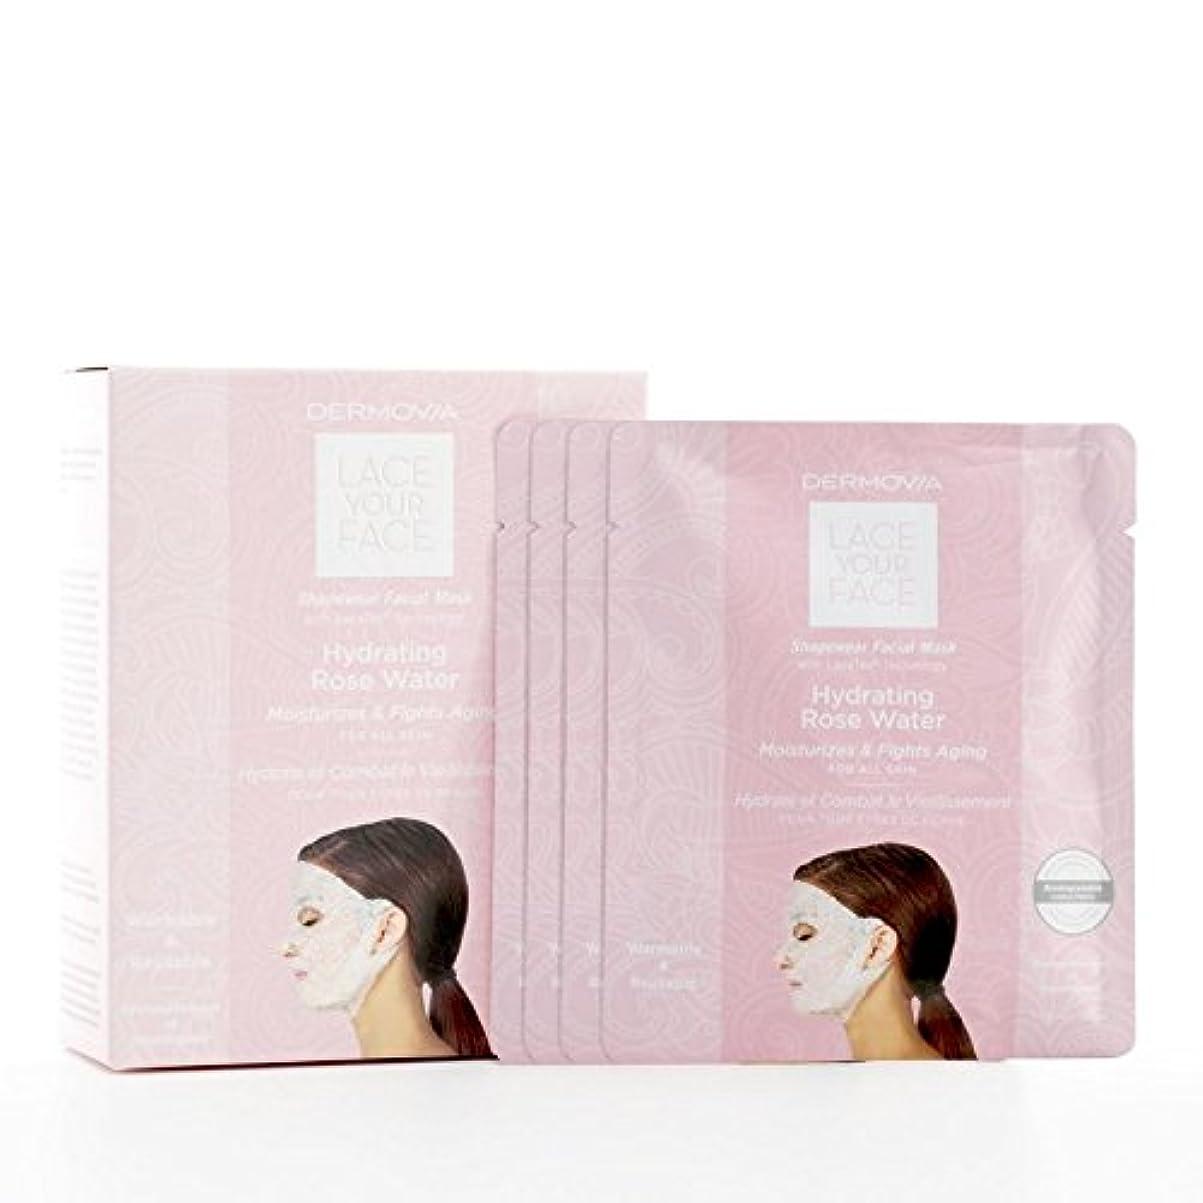 喜んで倫理的主張するDermovia Lace Your Face Compression Facial Mask Hydrating Rose Water (Pack of 6) - は、あなたの顔の圧縮フェイシャルマスク水和が水をバラレース...